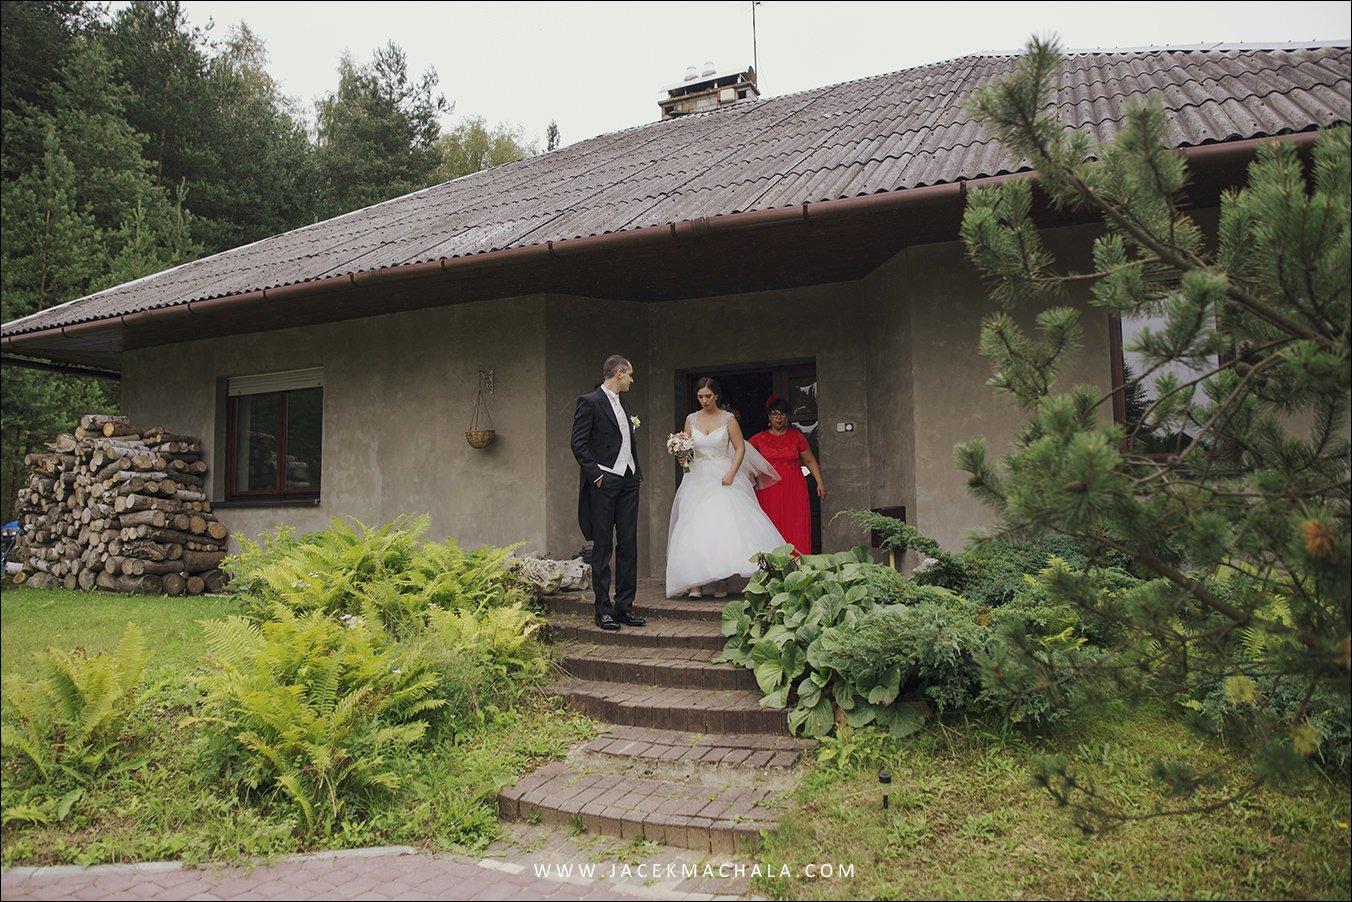 slask fotograf bielsko biala diana i dawid 14 - Hotel Ostaniec - DIANA & DAWID